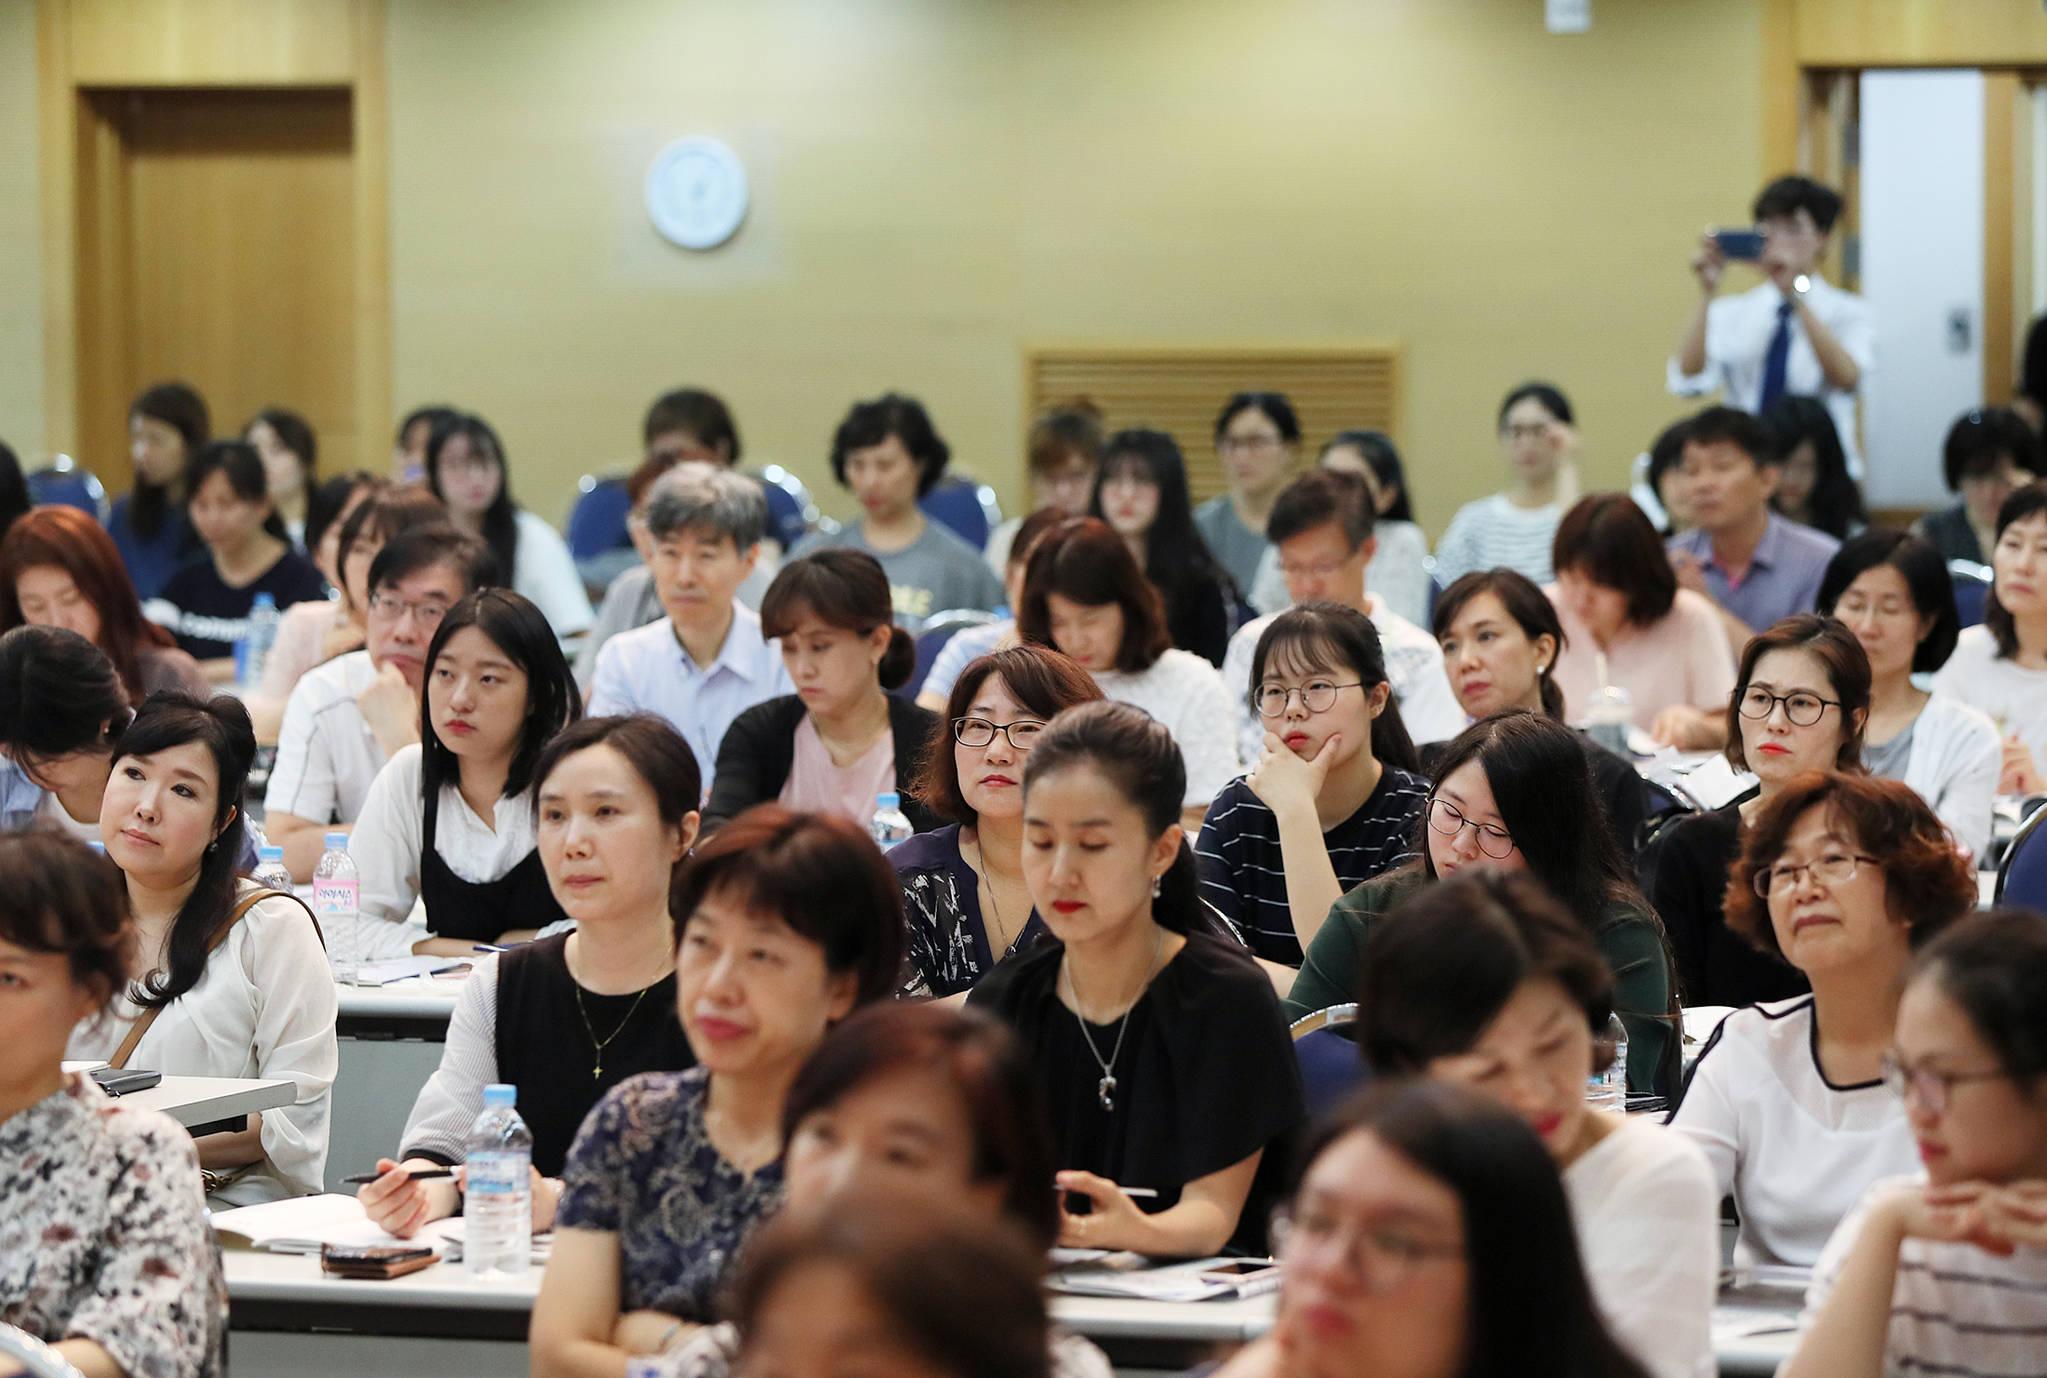 15일 오후 서울 용산구 숙명여대에서 열린 2018년도 수시모집 입학설명회에서 참가자들이학교 소개를듣고 있다. 문재인 정부는 국정과제로 복잡한 대입전형을 단순화하겠다고 밝혔다. [연합뉴스]